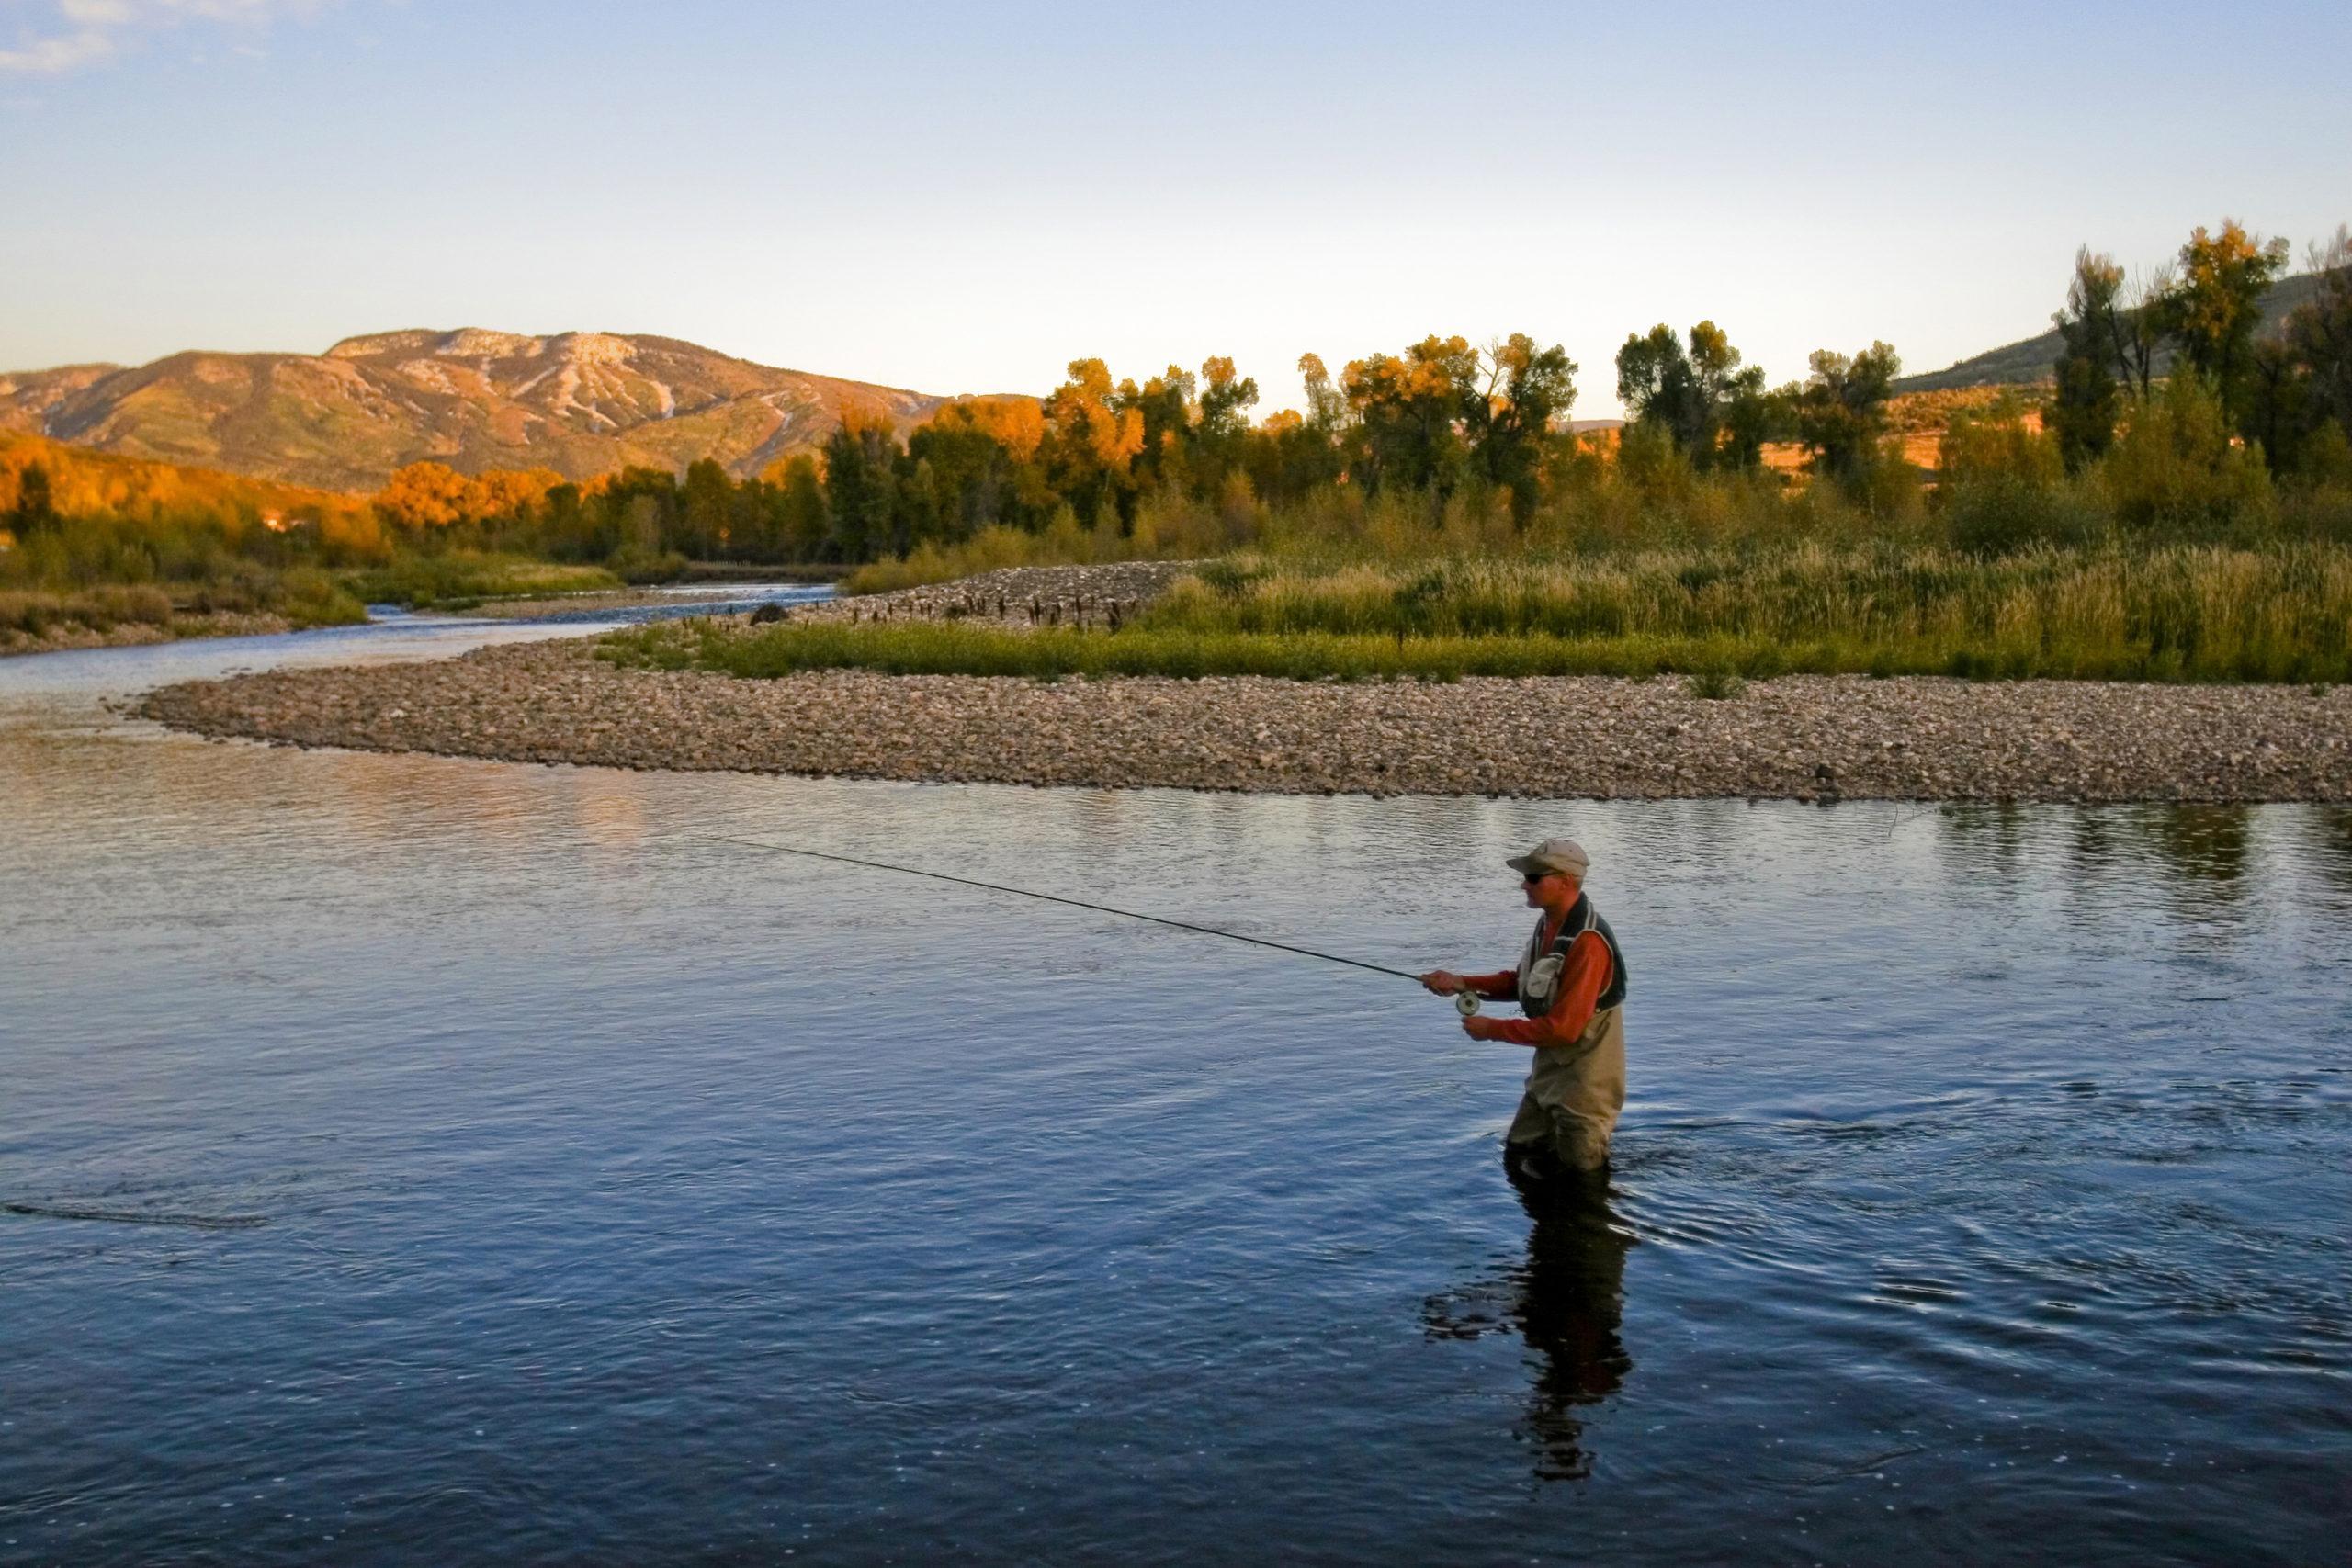 Для рыбалки на реке нужна дополнительная огрузка